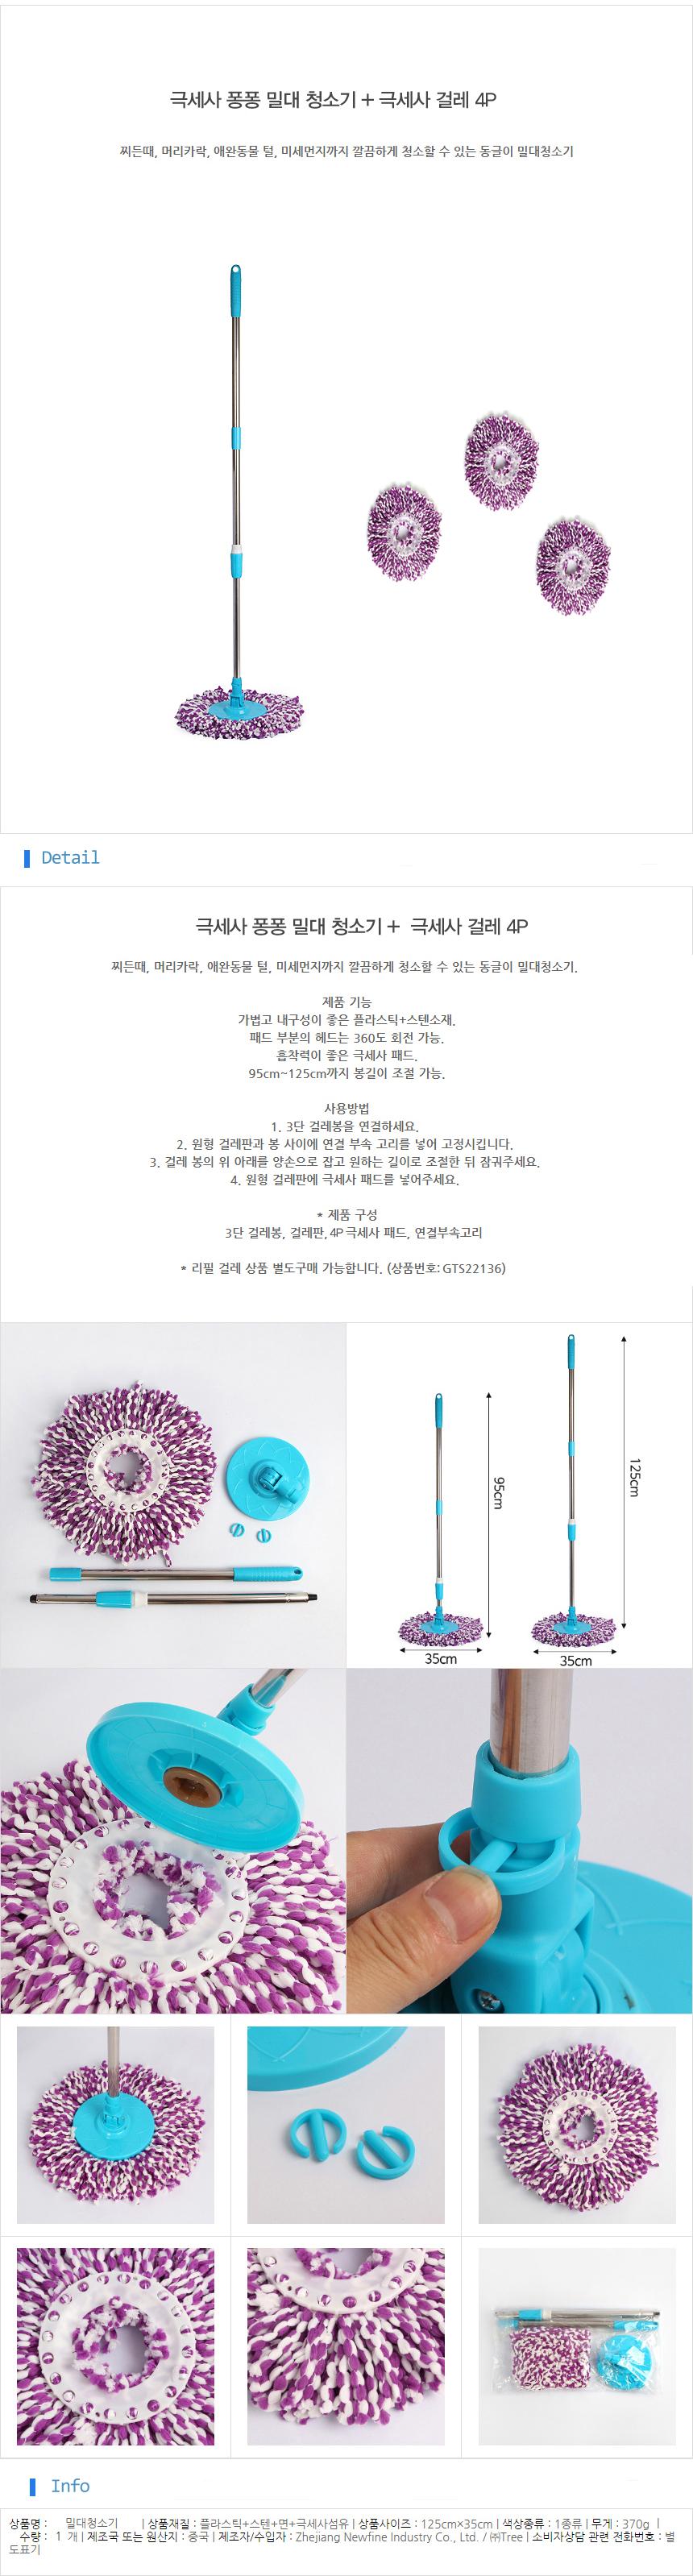 극세사 퐁퐁 밀대청소기 +극세사걸레 4P세트 - 기프트갓, 14,800원, 청소도구, 밀대패드